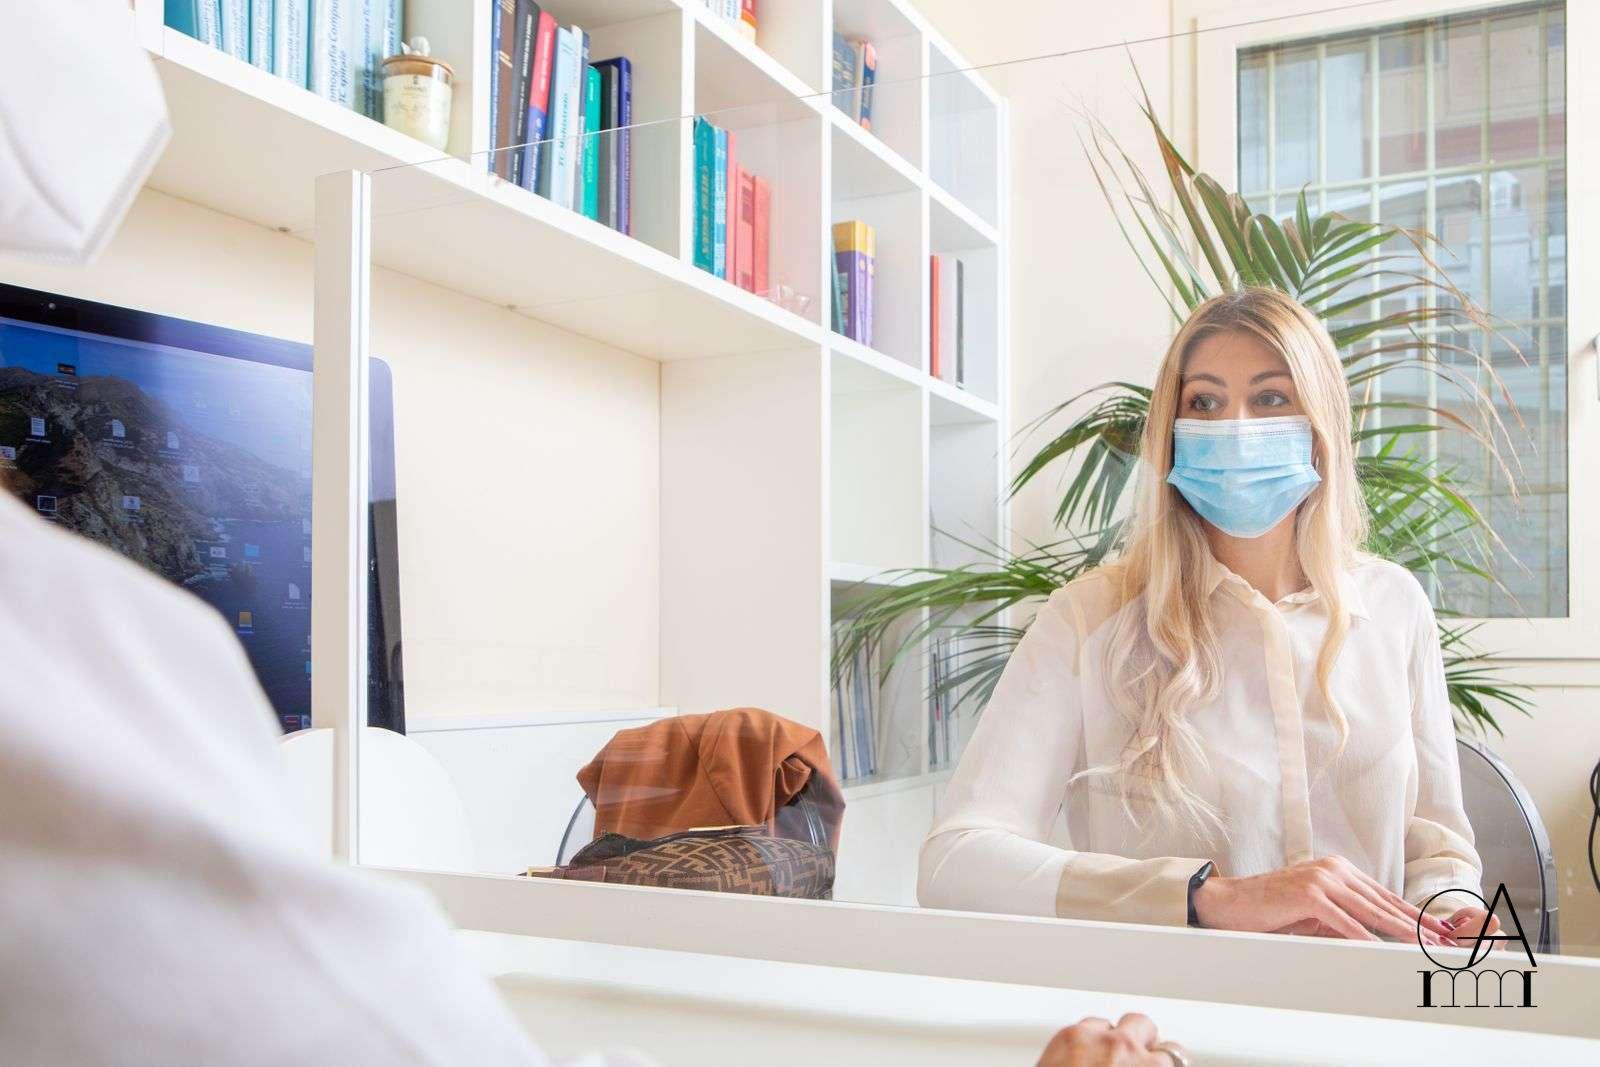 Studio Odontoiatrico Mariapina Alfano - Sezione Post Covid-19